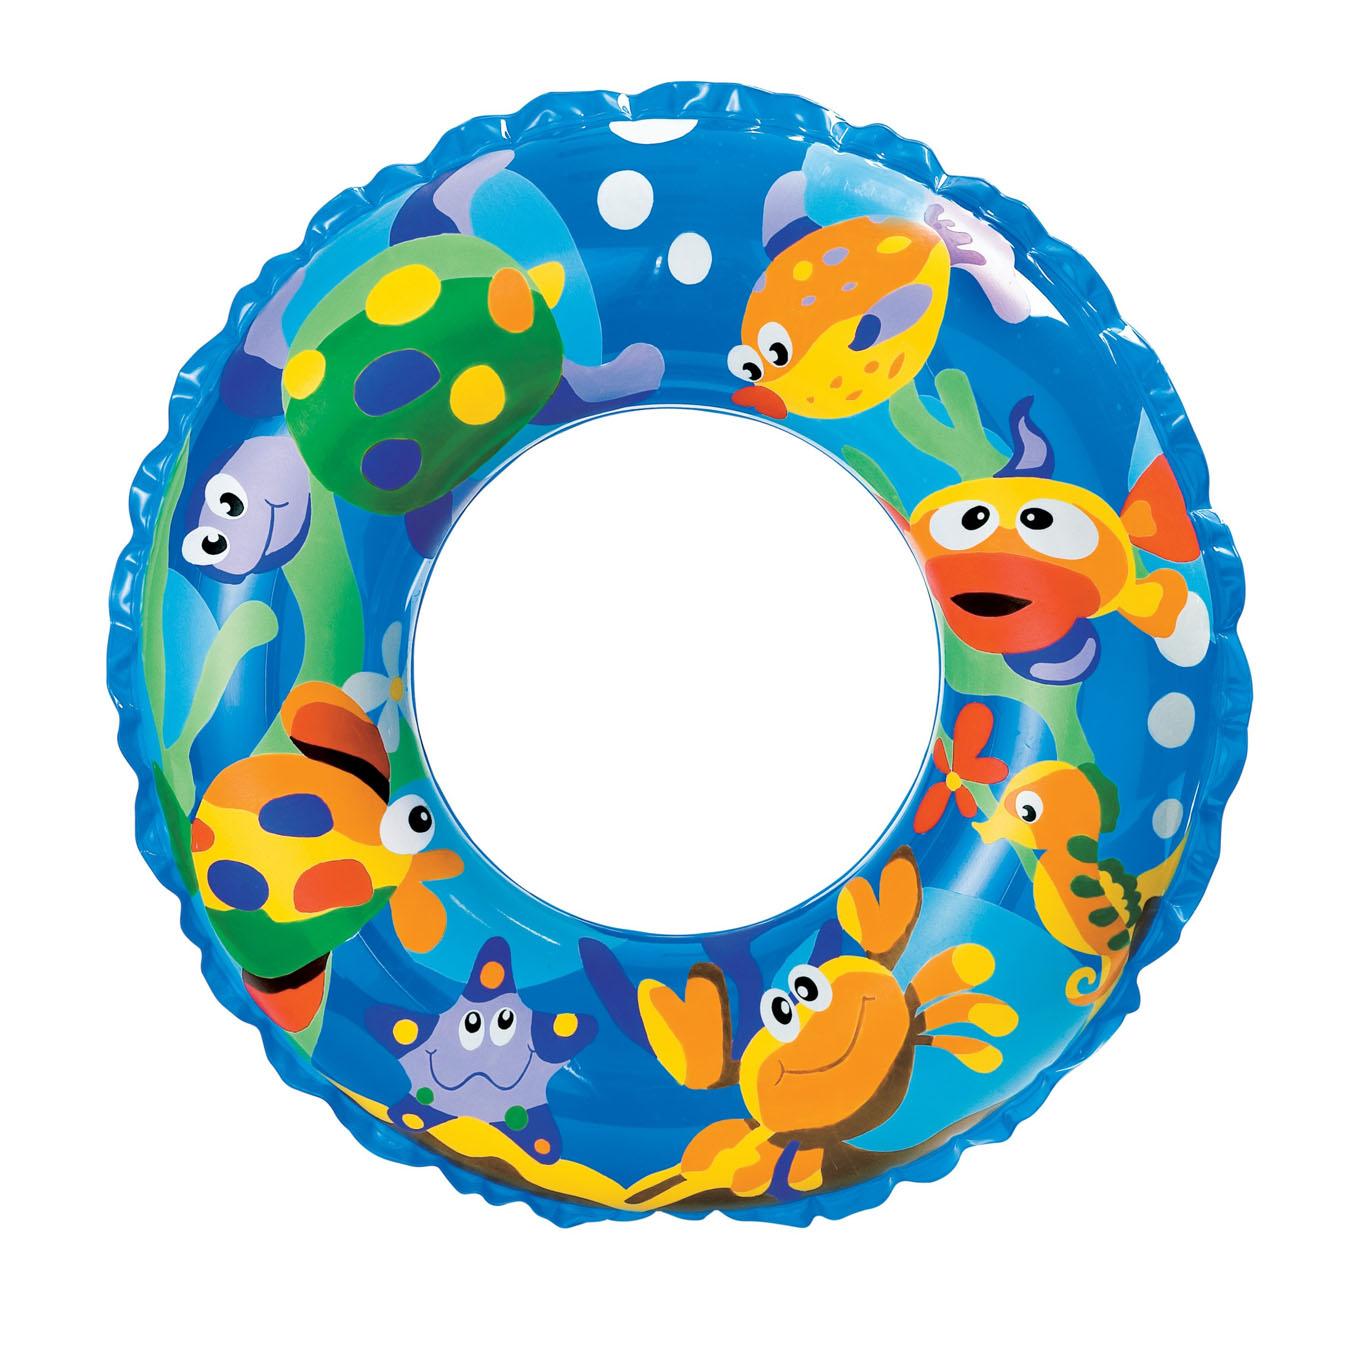 Картинки круглой формы для детей играть связанные картинки, фотографией